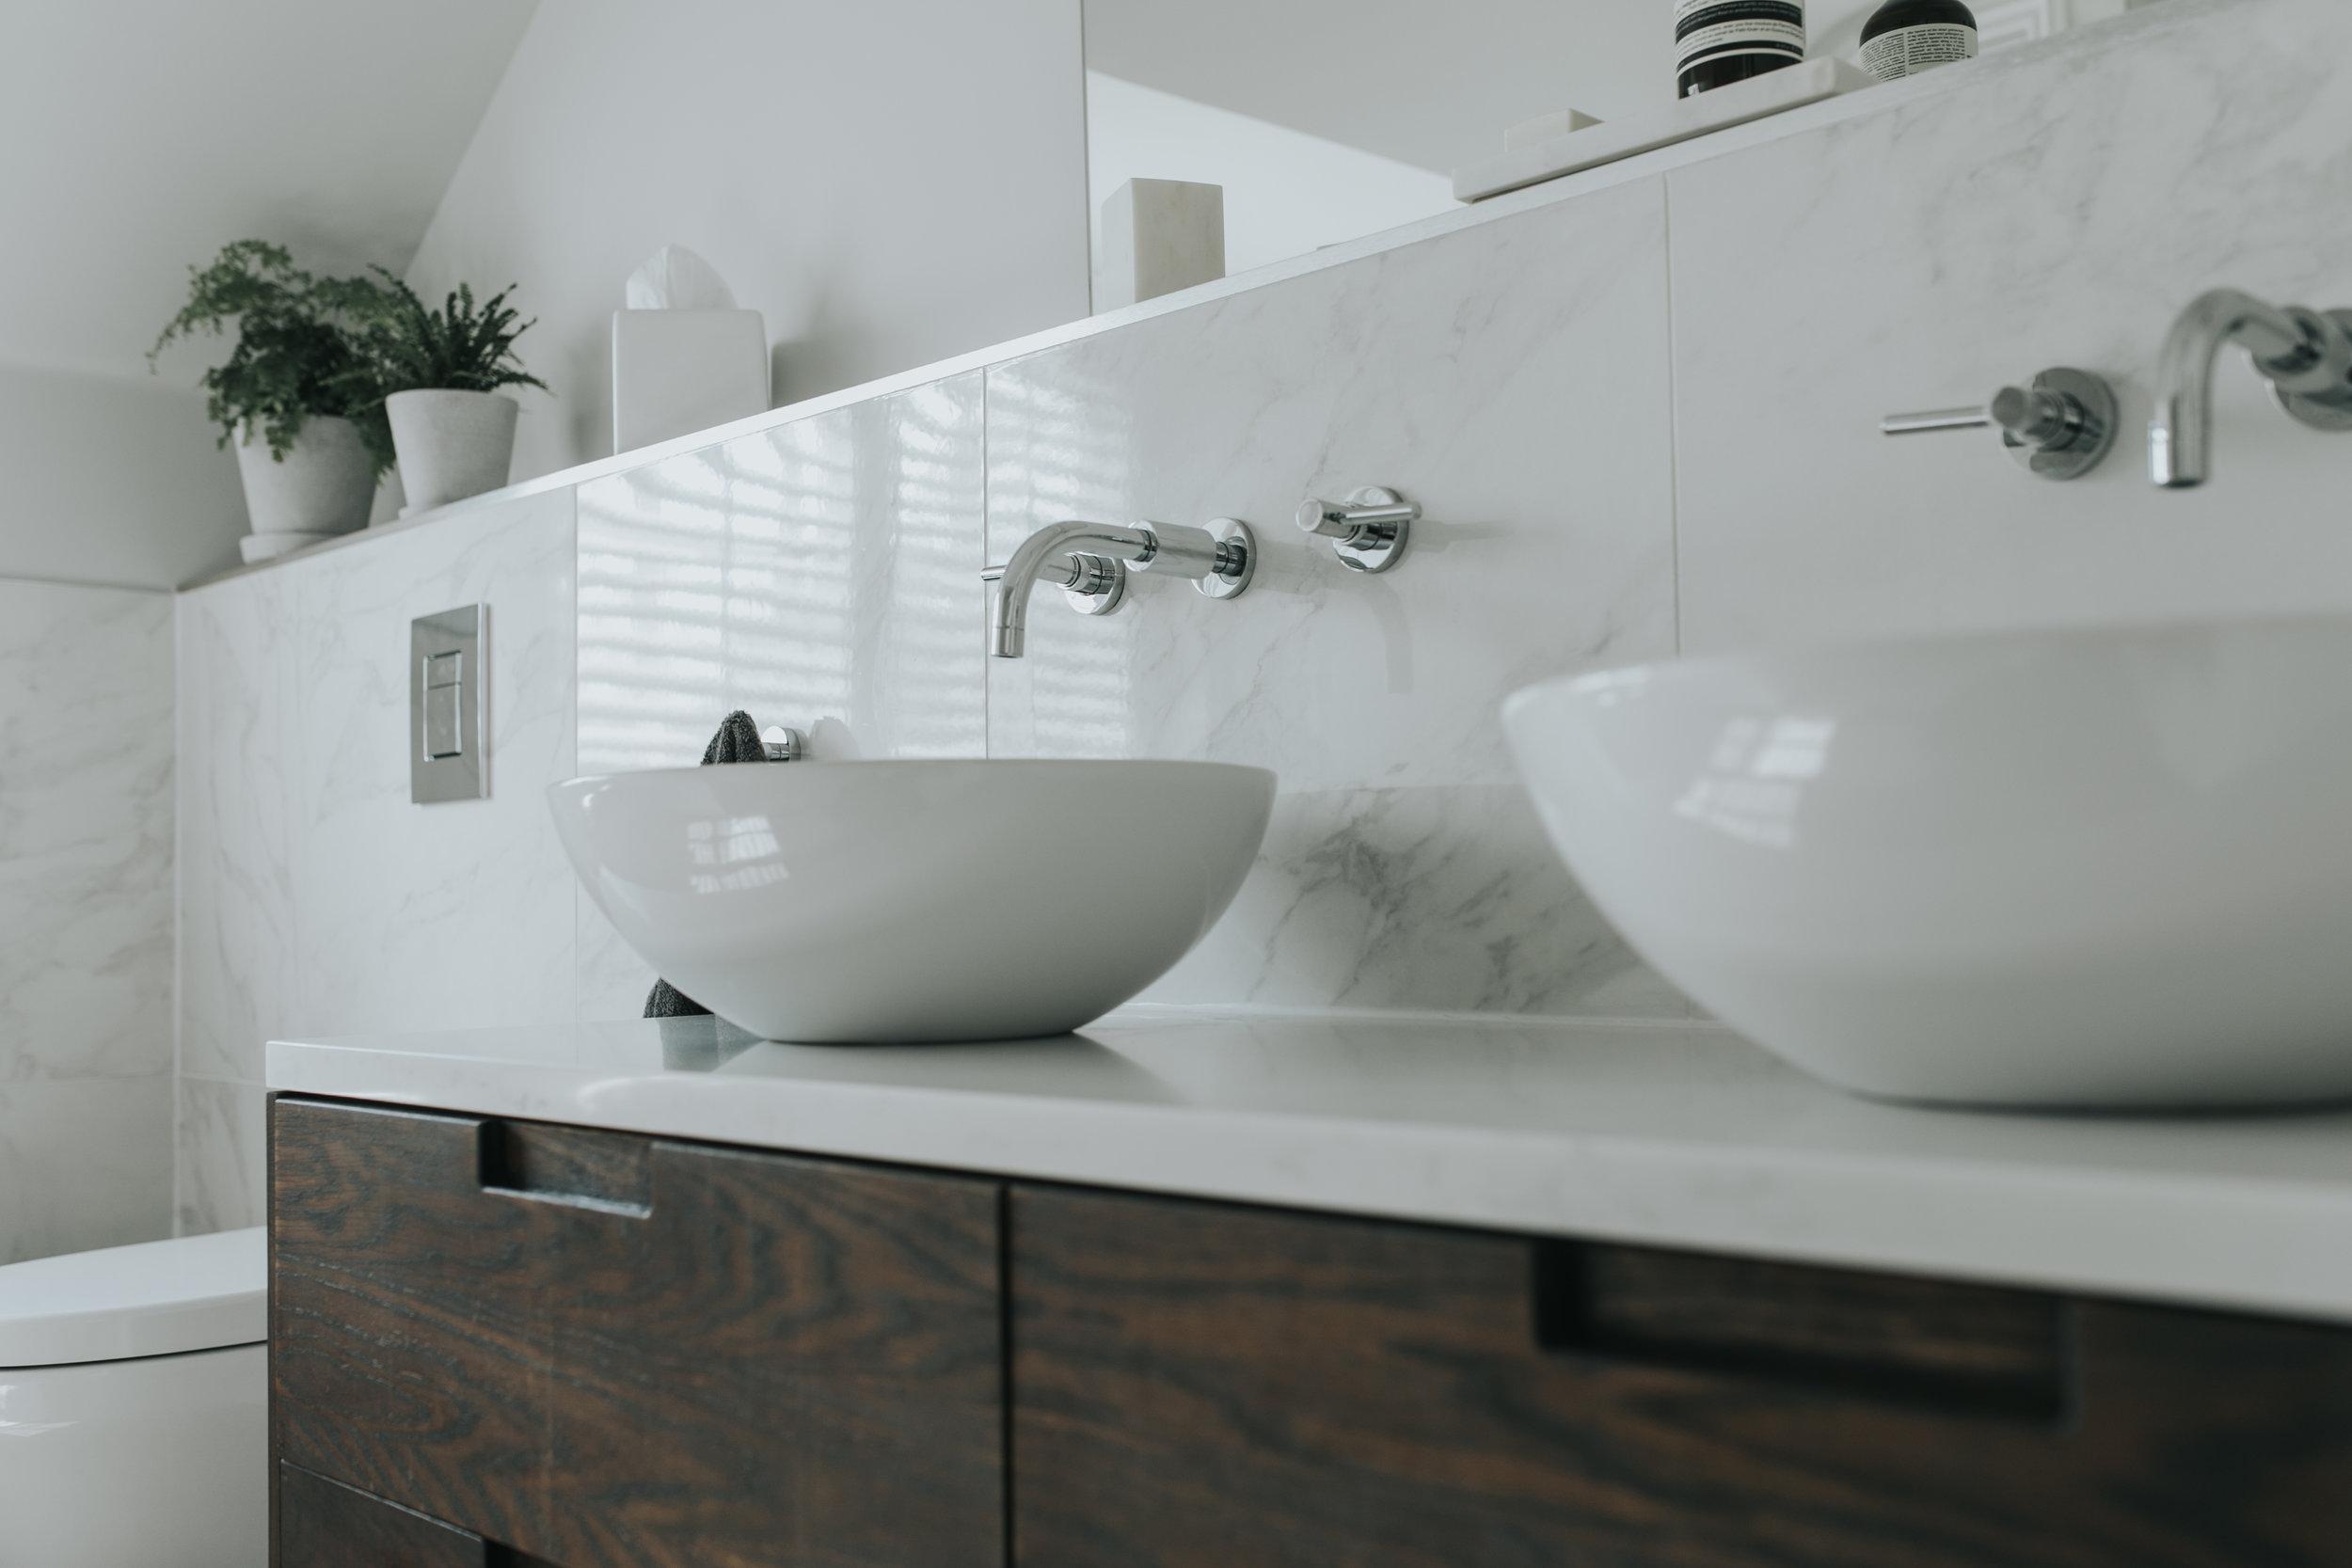 Contemporary Bathroom hlinteriors.co.uk6B2A0657.jpg